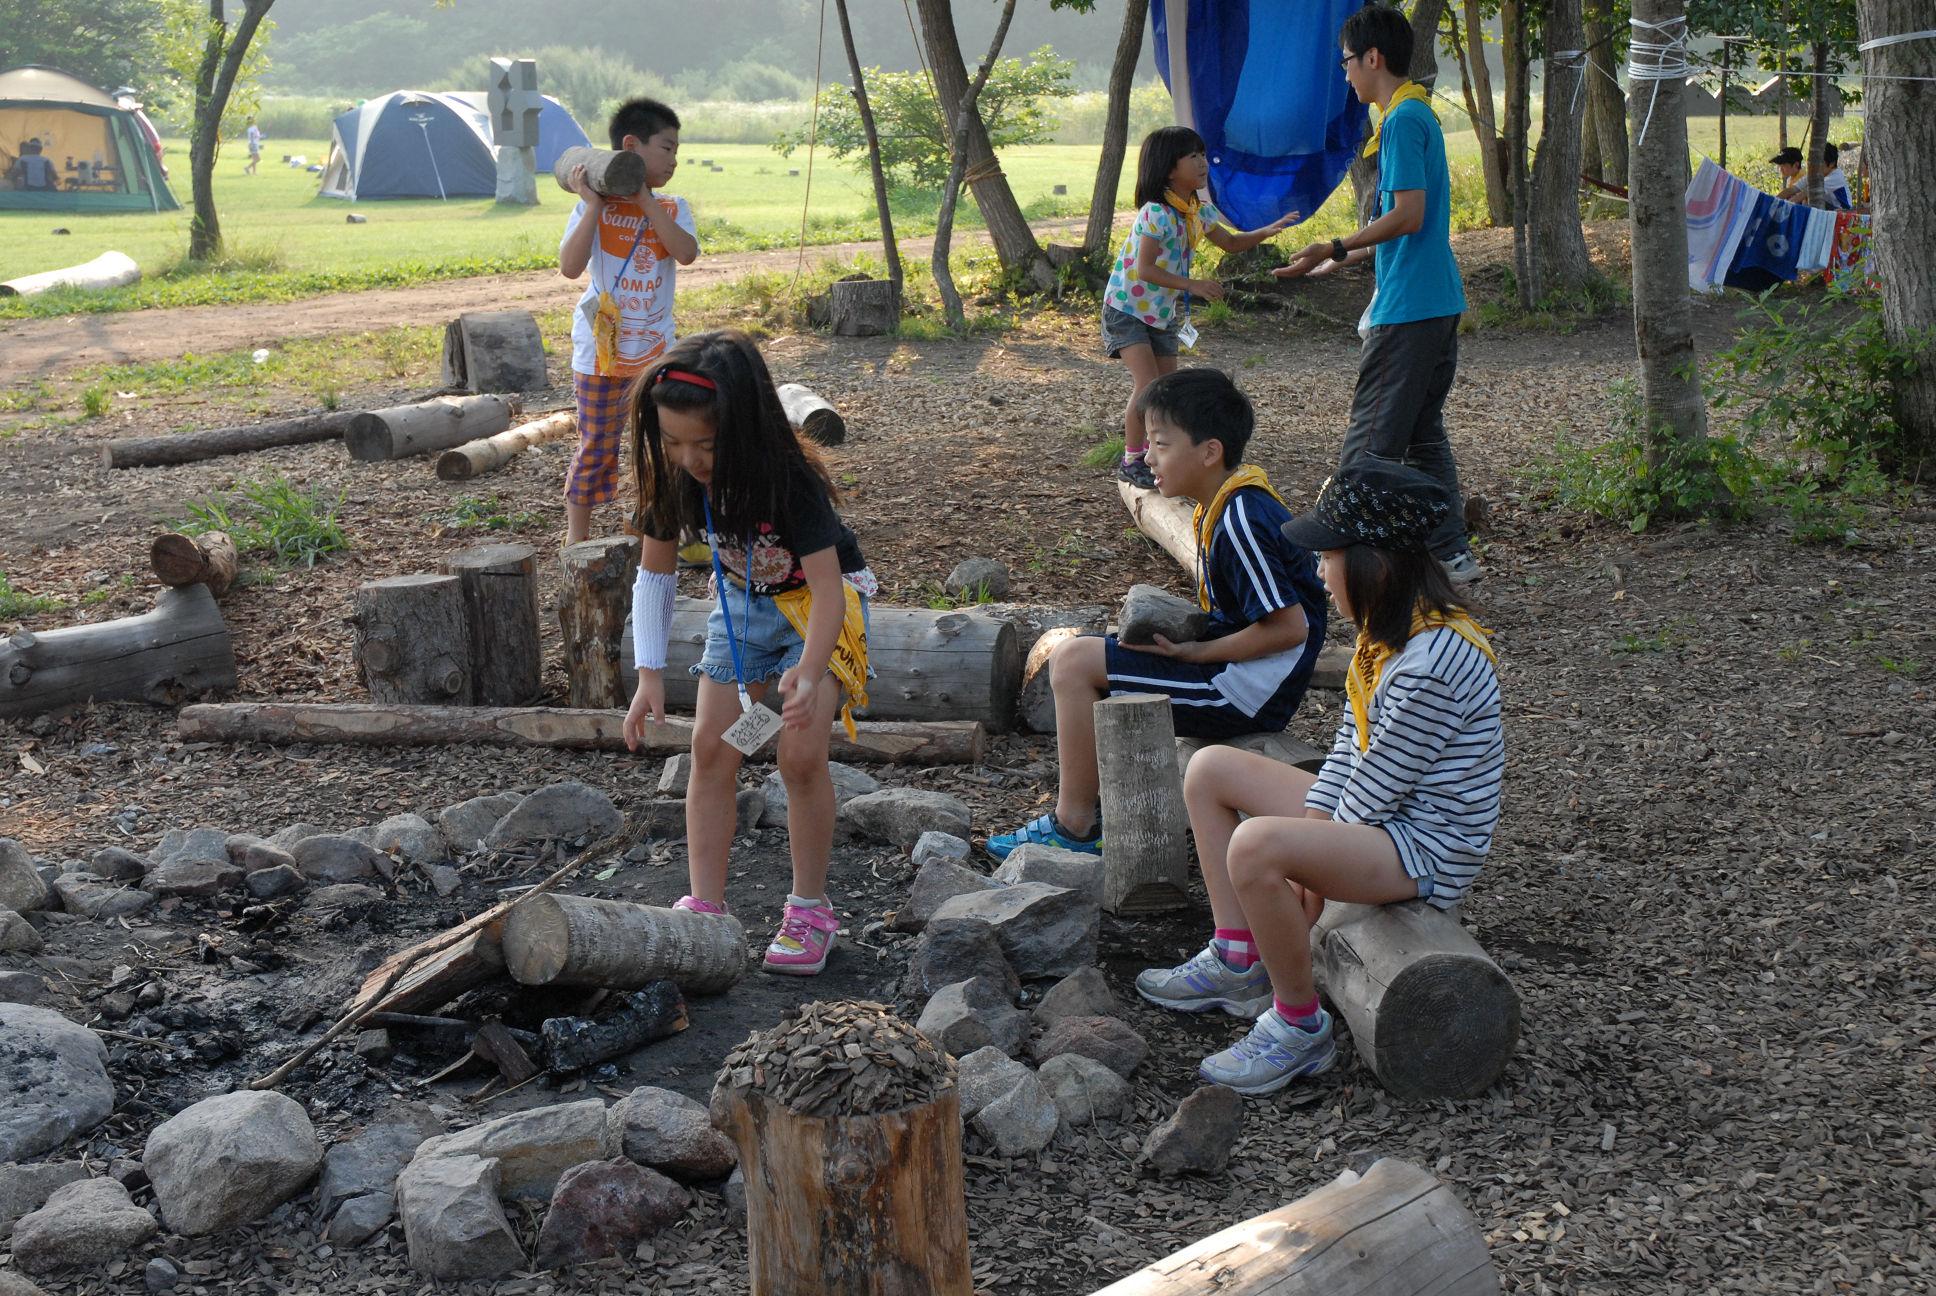 「イマジネーション」こそ、「生きる力」である-この夏に福島の子どもたちが教えてくれたこと